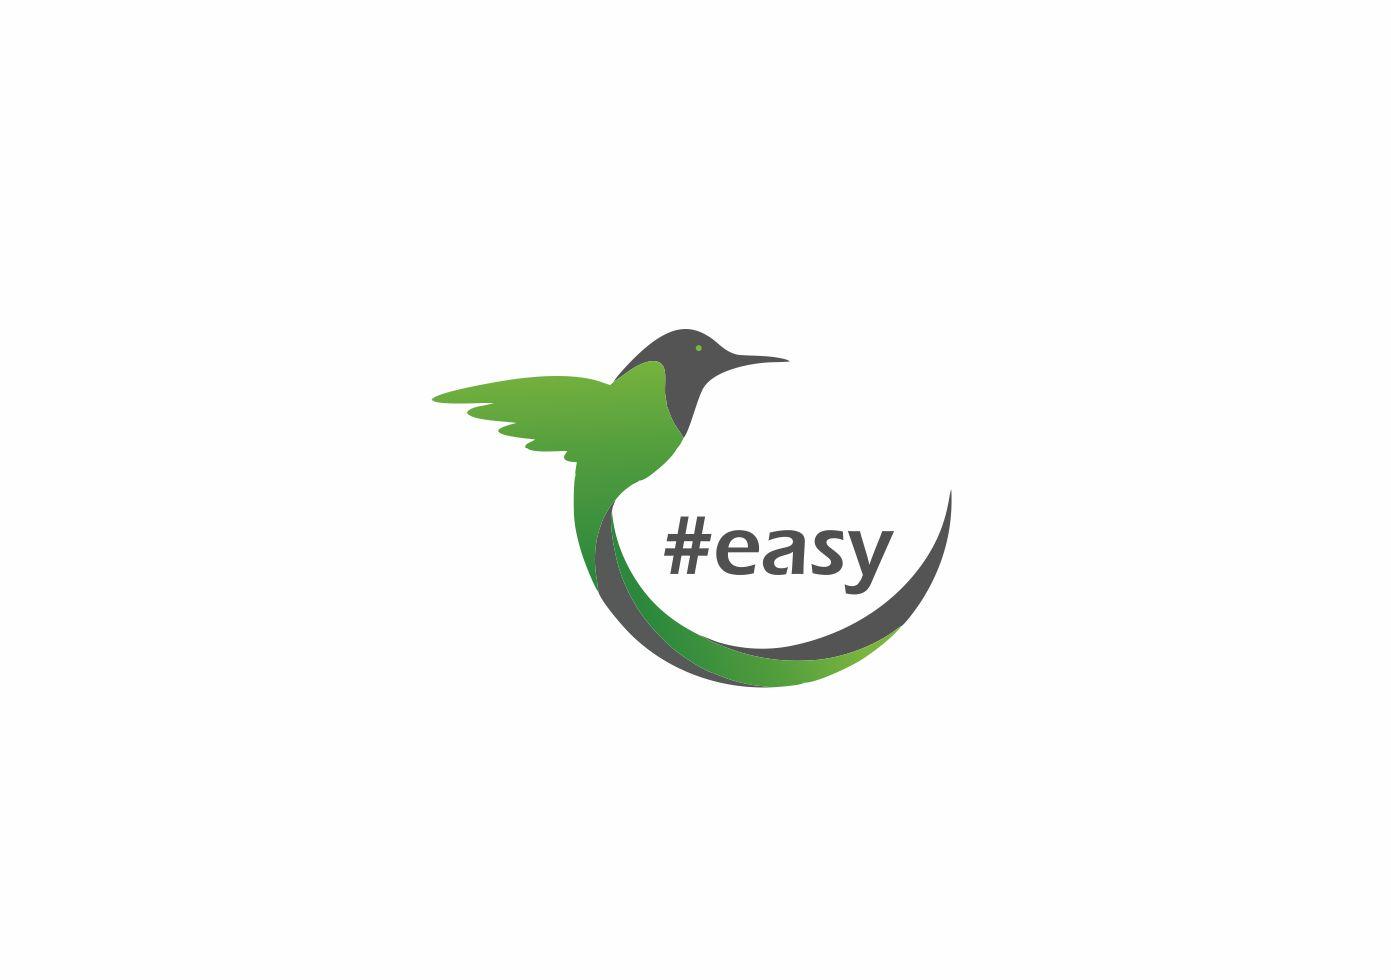 Разработка логотипа в виде хэштега #easy с зеленой колибри  фото f_3365d4eb88d9ec88.jpg